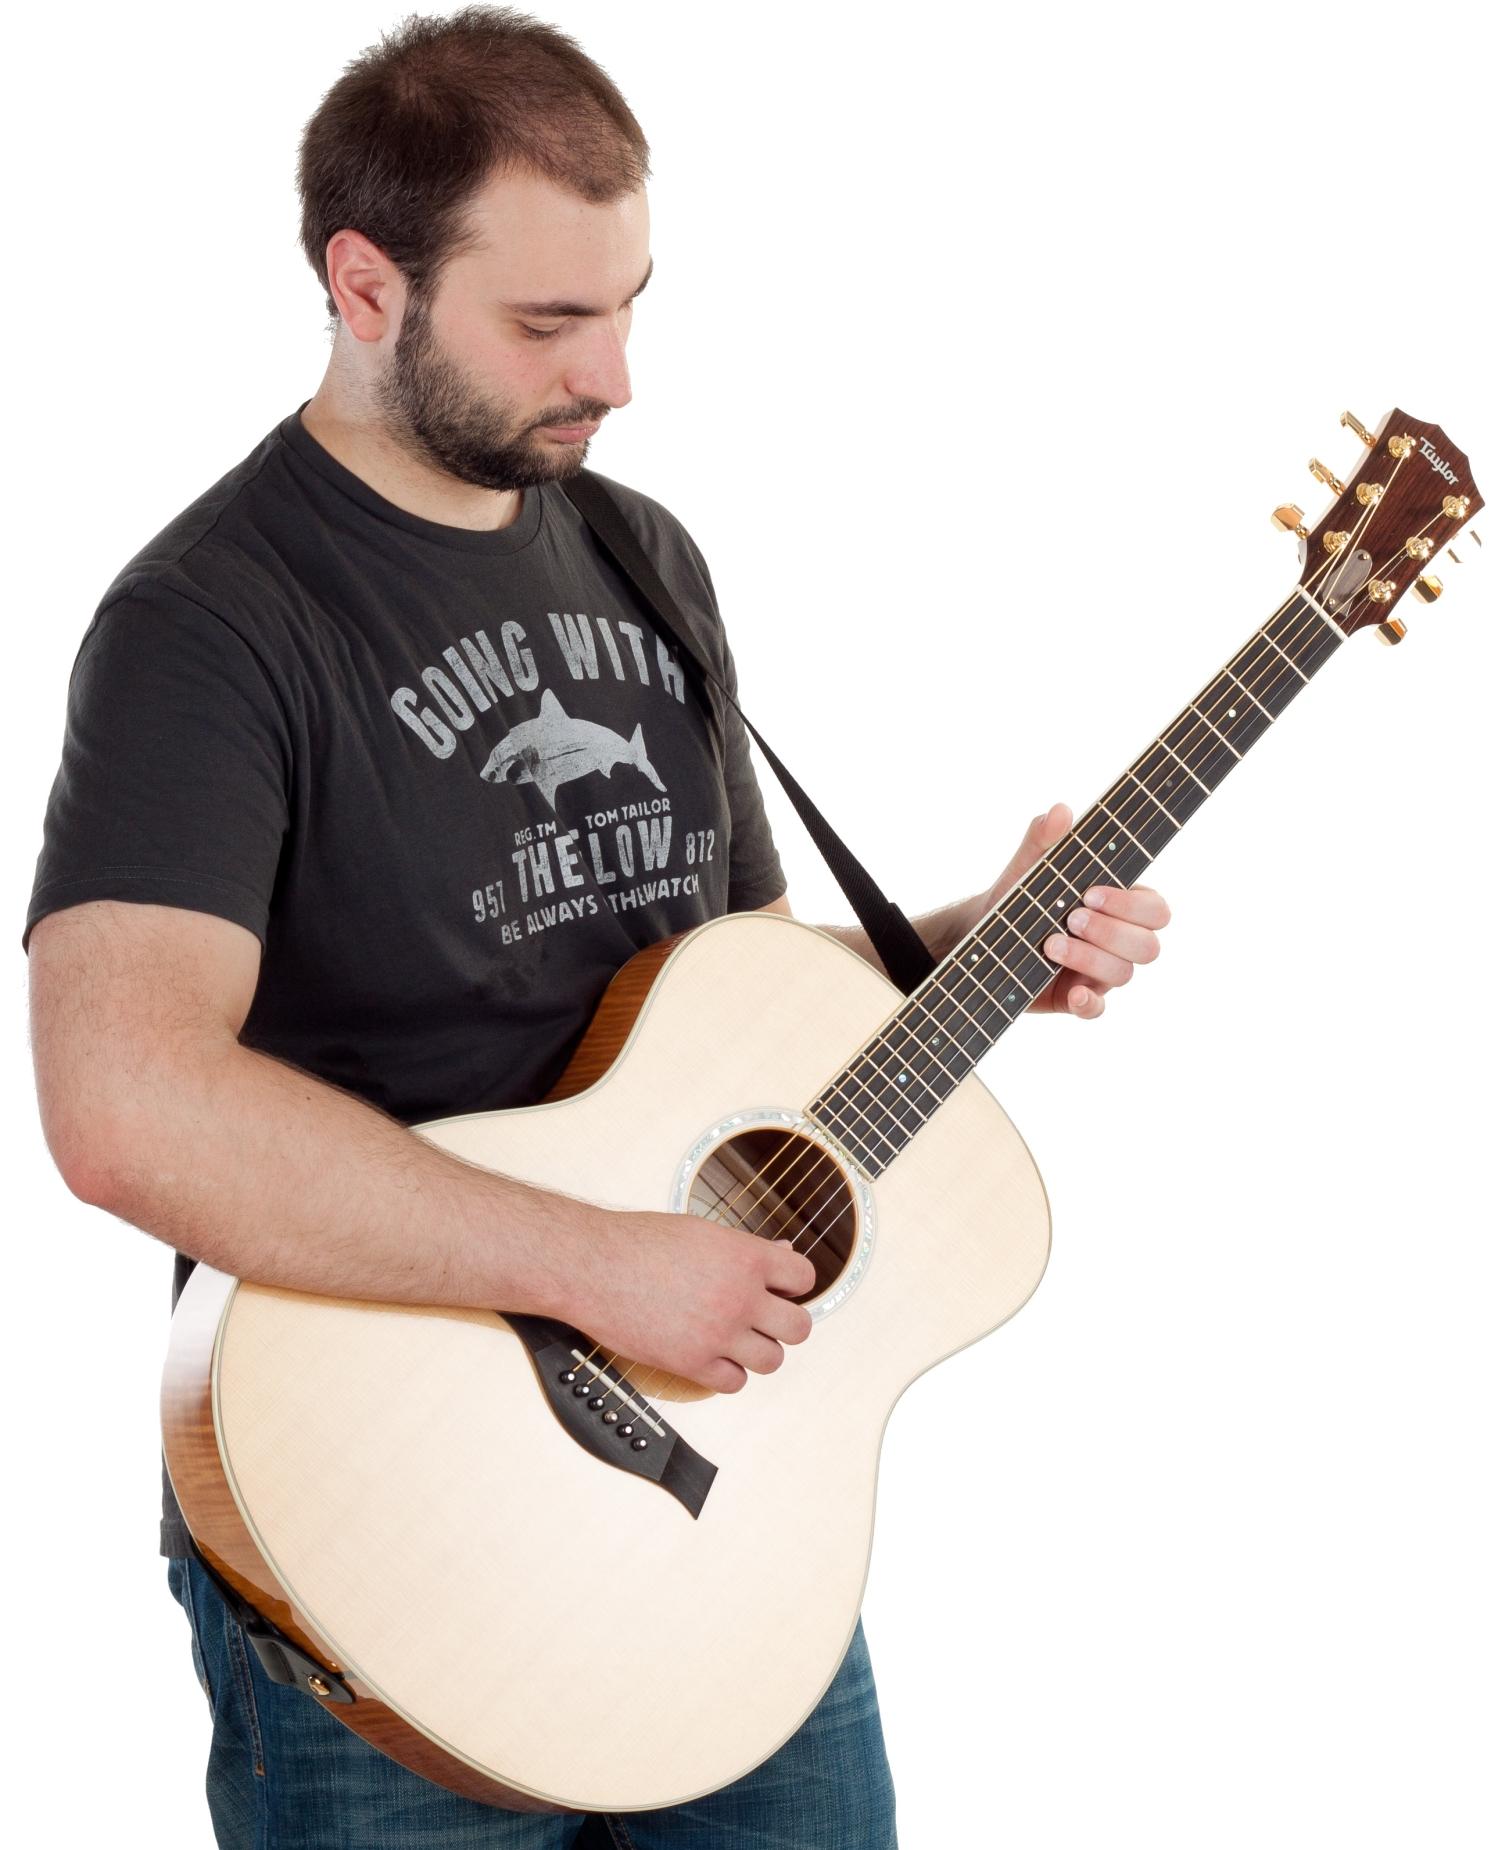 Tipps für Einsteiger: doch mit Akustikgitarre anfangen?